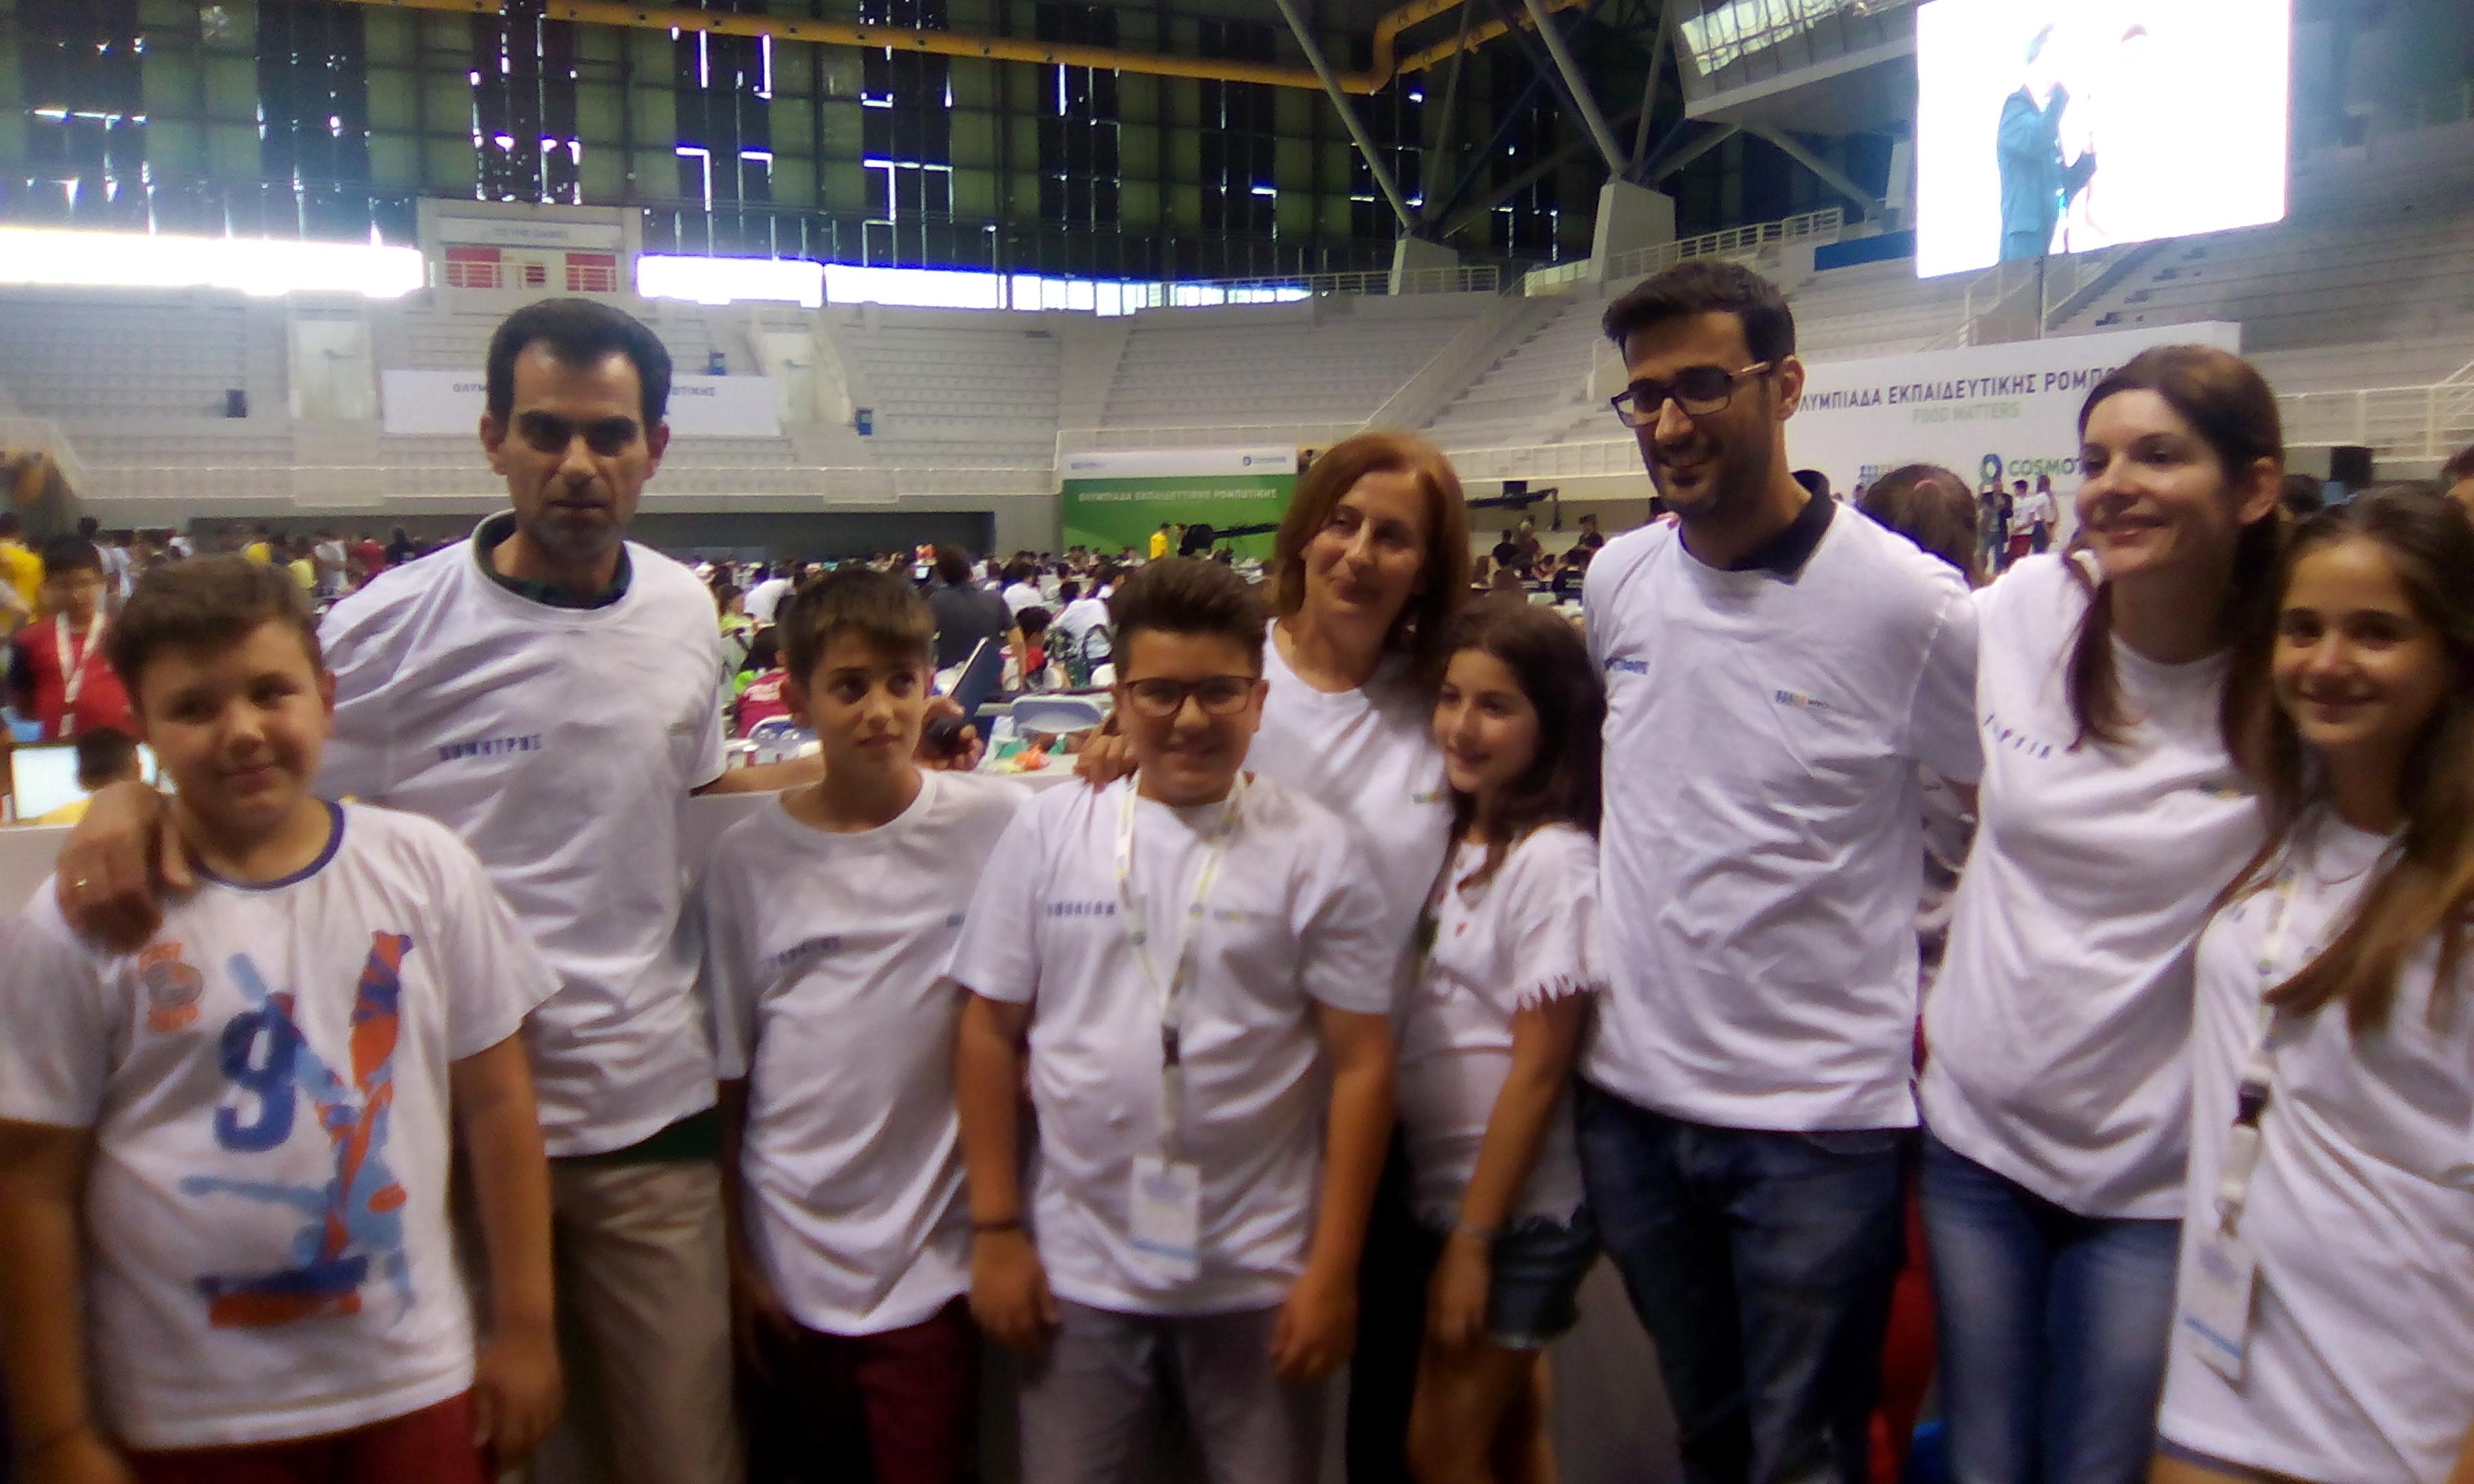 3η θέση για το 17ο Δημοτικό Σχολείο Αγρινίου στον Εθνικό Διαγωνισμό Εκπαιδευτικής Ρομποτικής